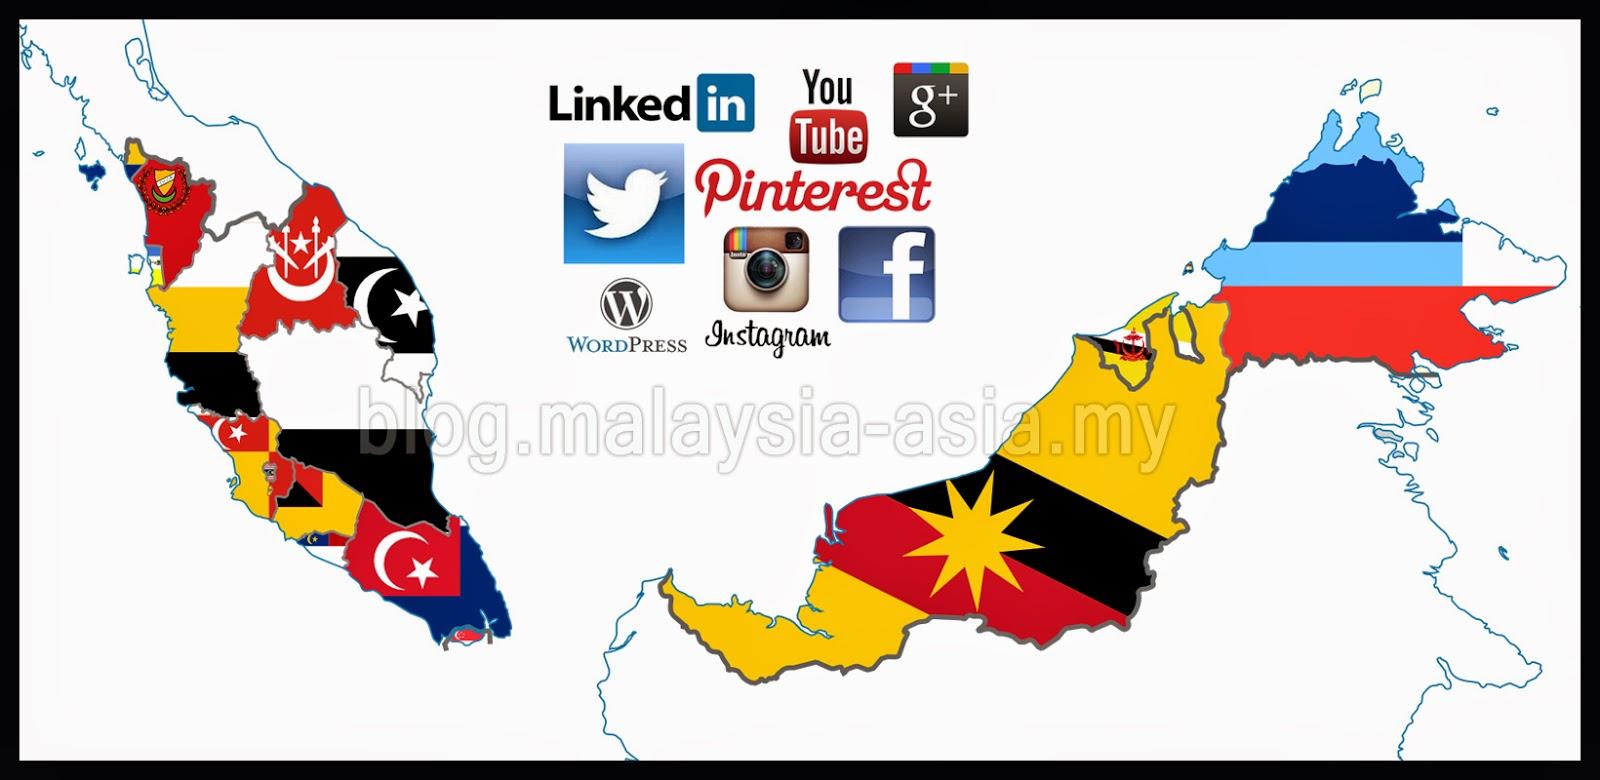 Malaysia Social Media Users 2015